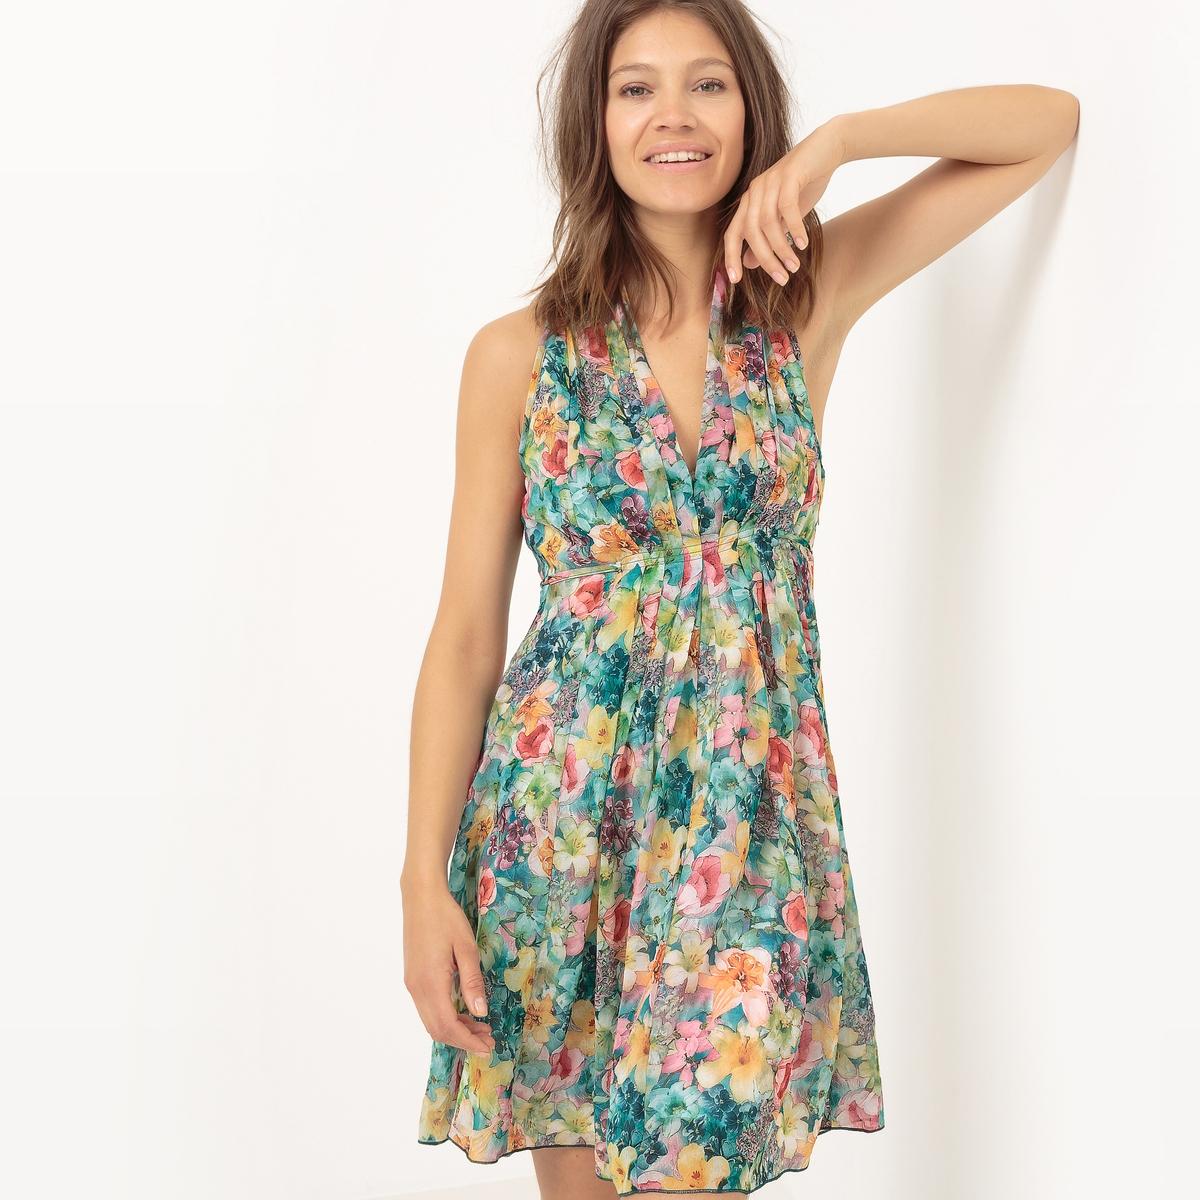 Платье расклешенное без рукавов с экзотическим рисункомМатериал : 100% полиэстер  Длина рукава : без рукавов  Форма воротника : V-образный вырез Покрой платья : расклешенное платье. Рисунок : цветочный.   Длина платья : короткое.<br><br>Цвет: цветочный рисунок<br>Размер: L